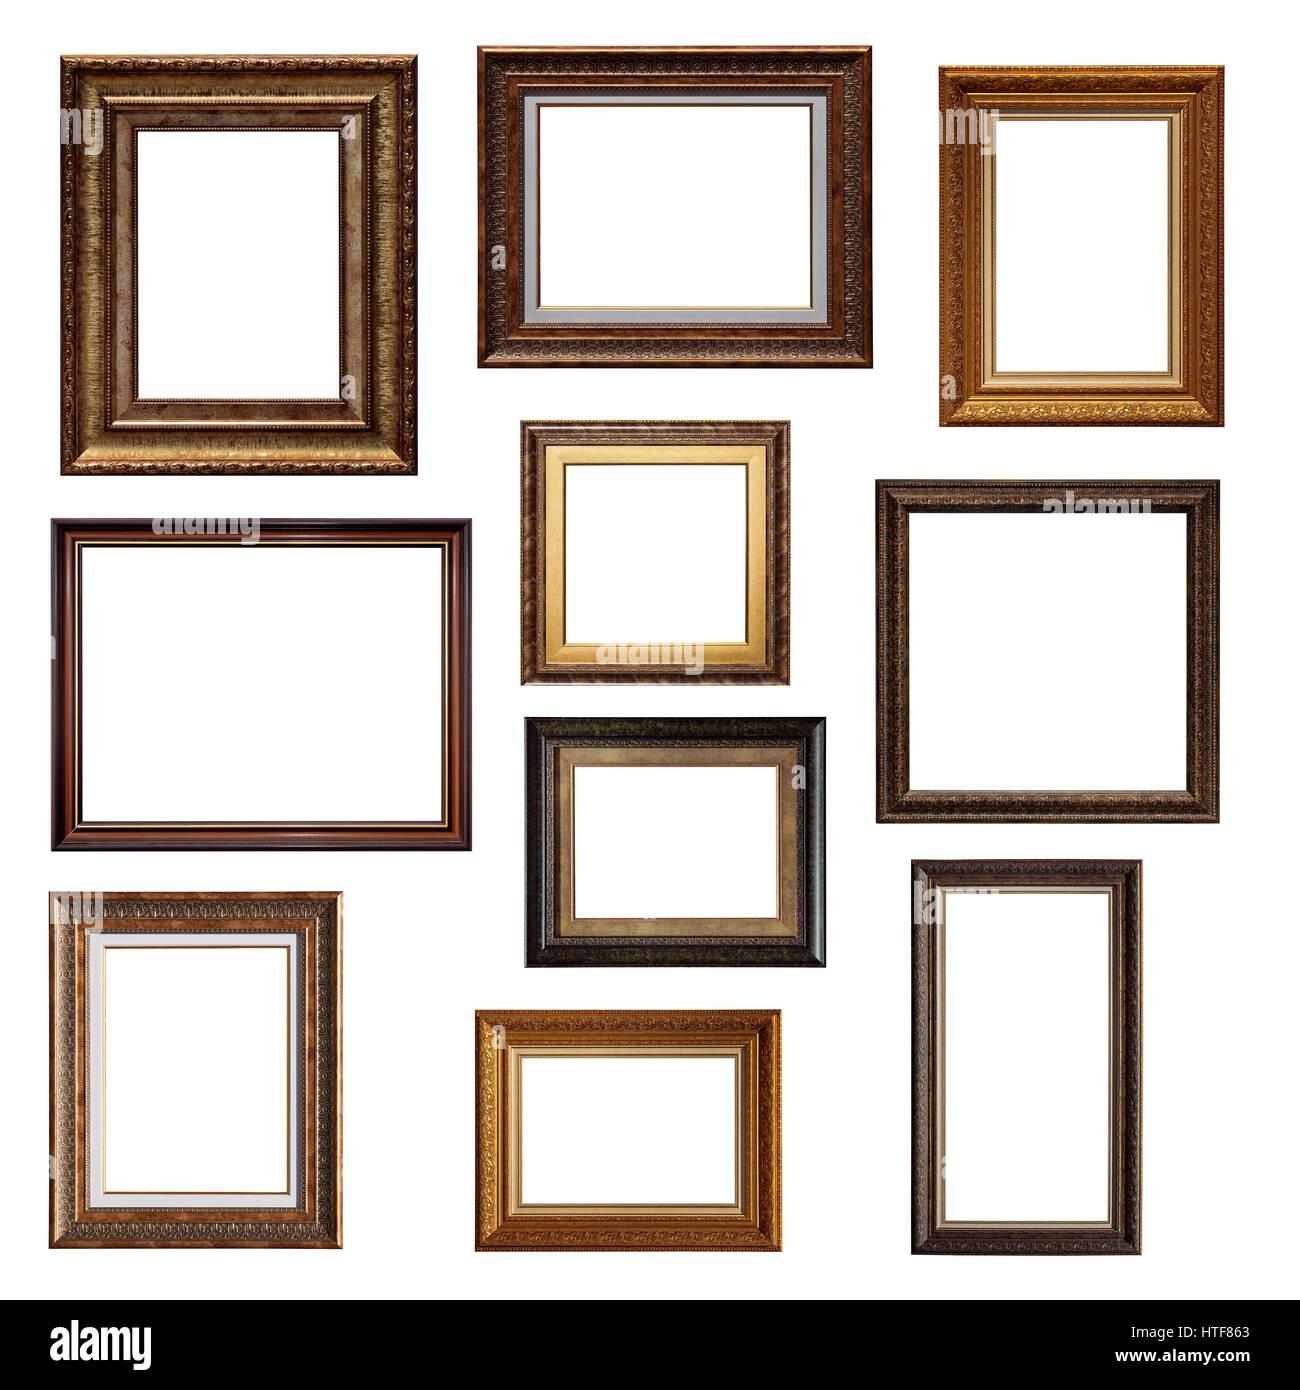 Conjunto de marcos de imagen. Collage de diferentes marcos de ...